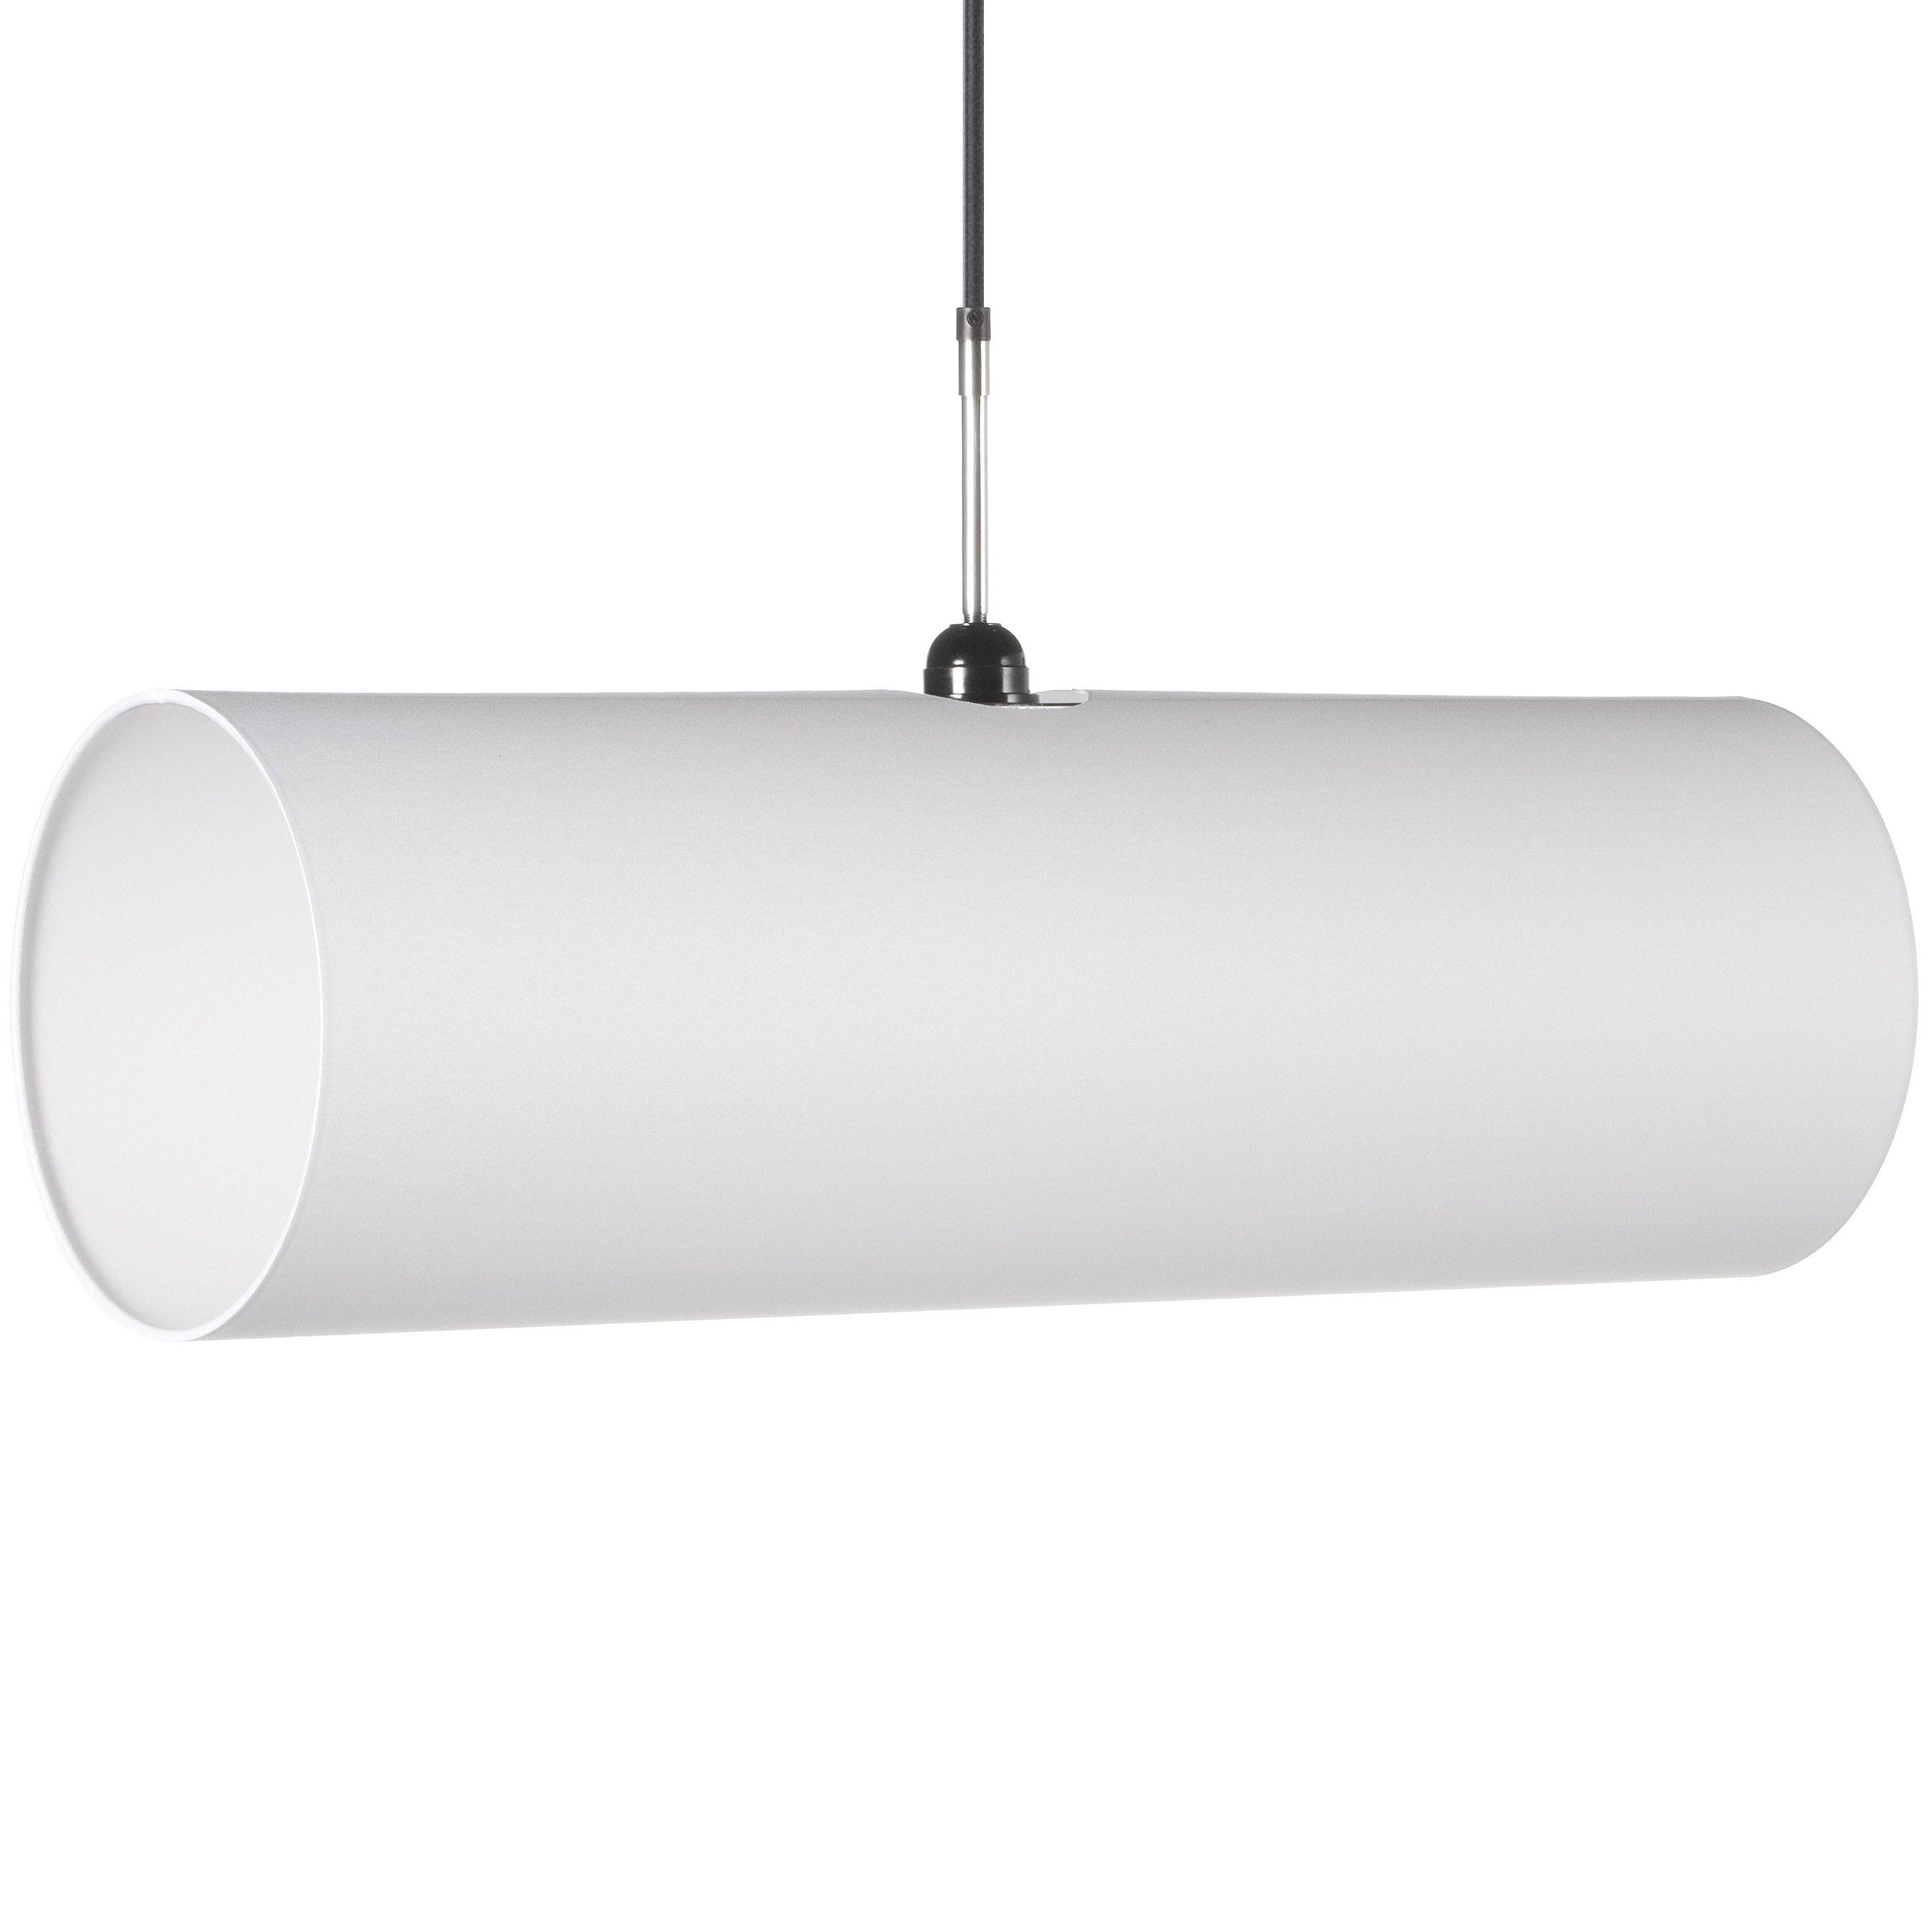 Moooi Tube hanglamp